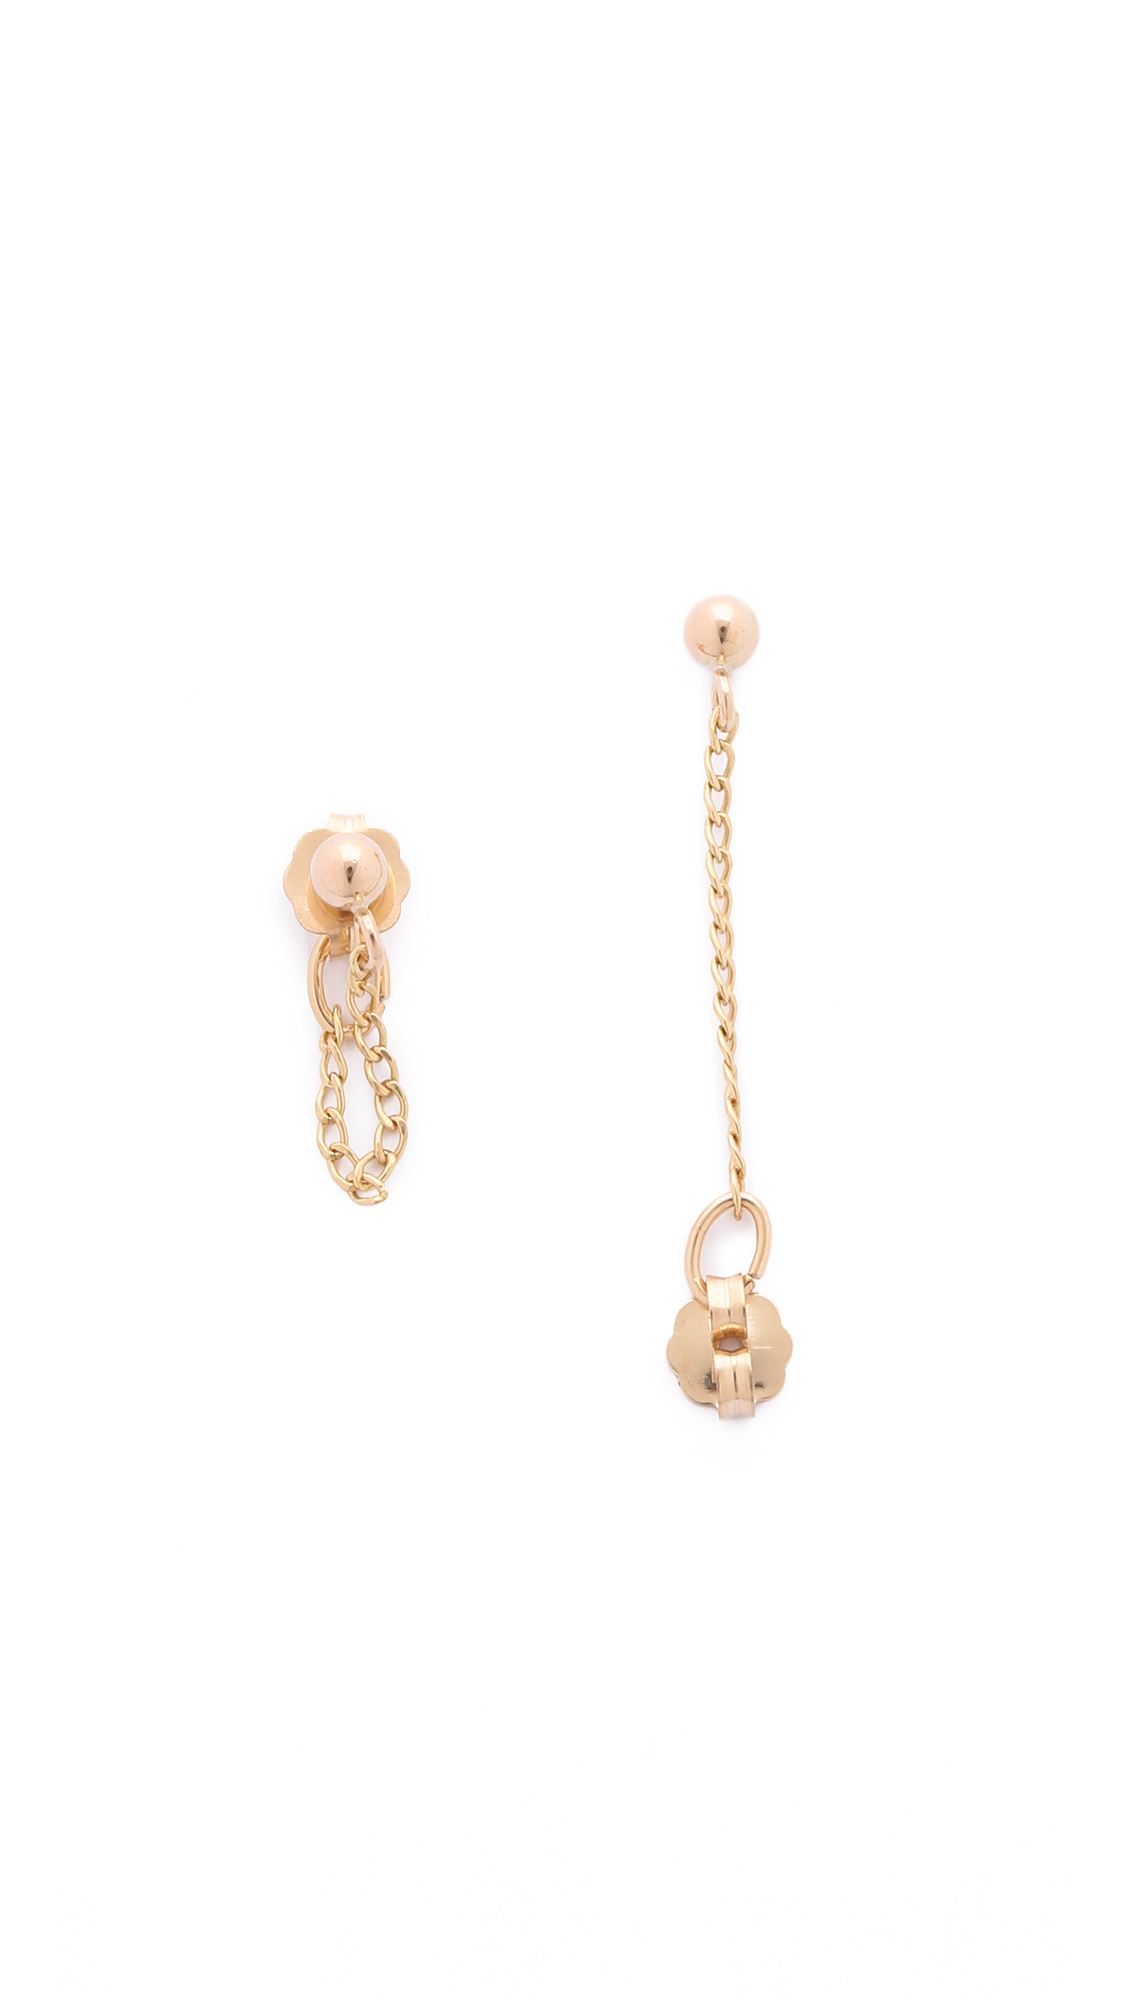 Lyst - Phyllis + Rosie Mini Chain Hoop Earrings - Gold in Metallic